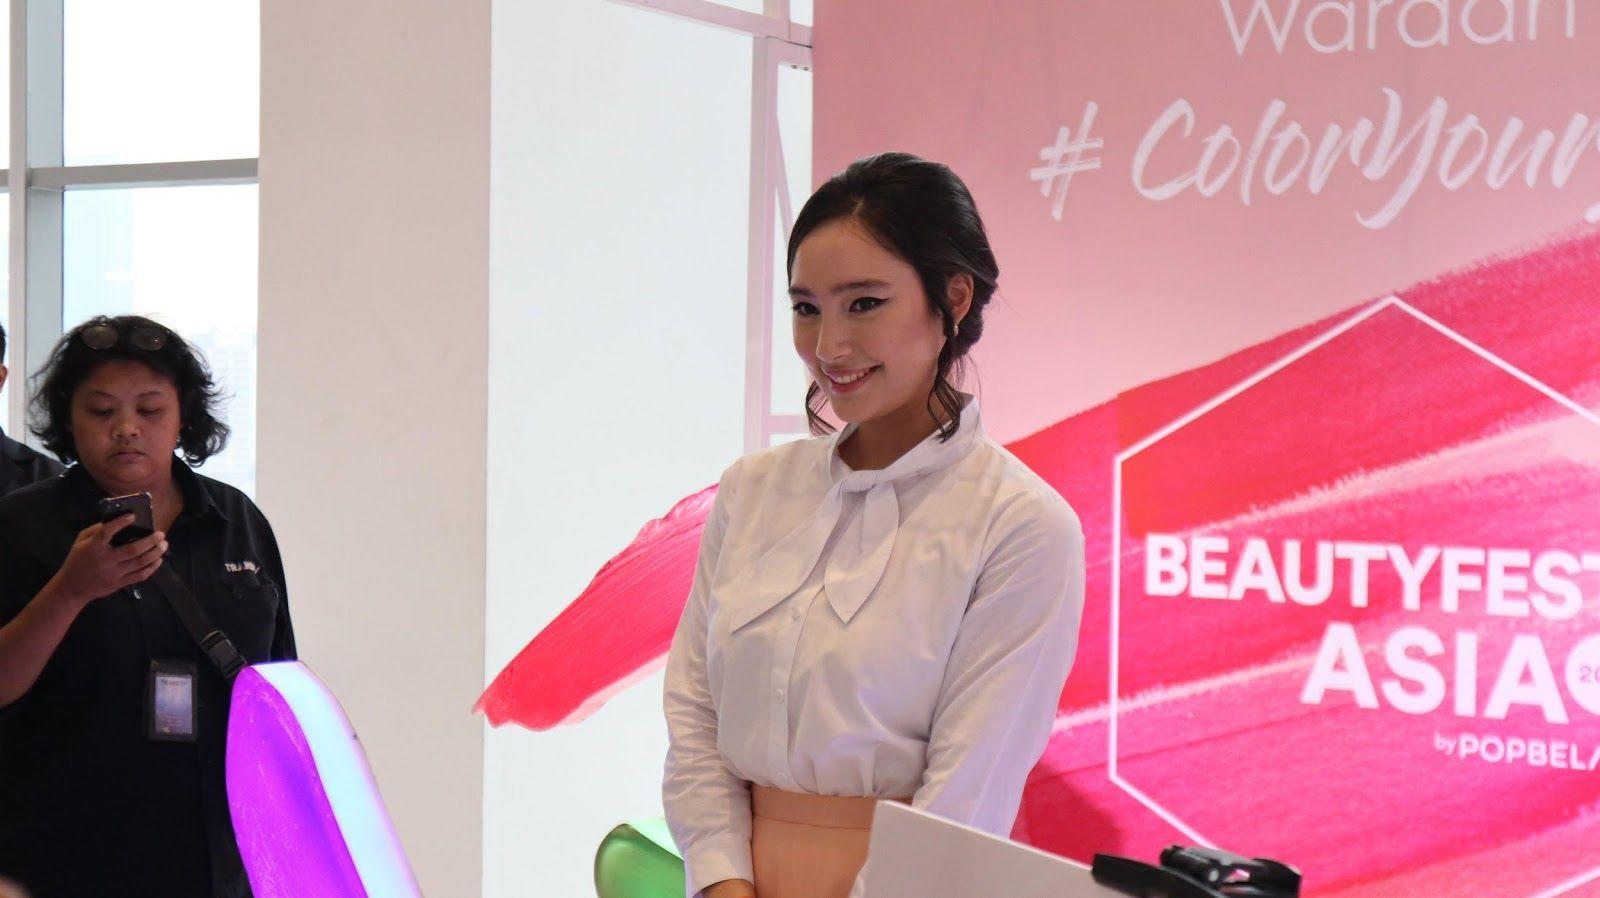 Cantik Berangkat dari Dalam Diri, Belajar Caranya di BeautyFest Asia 2018